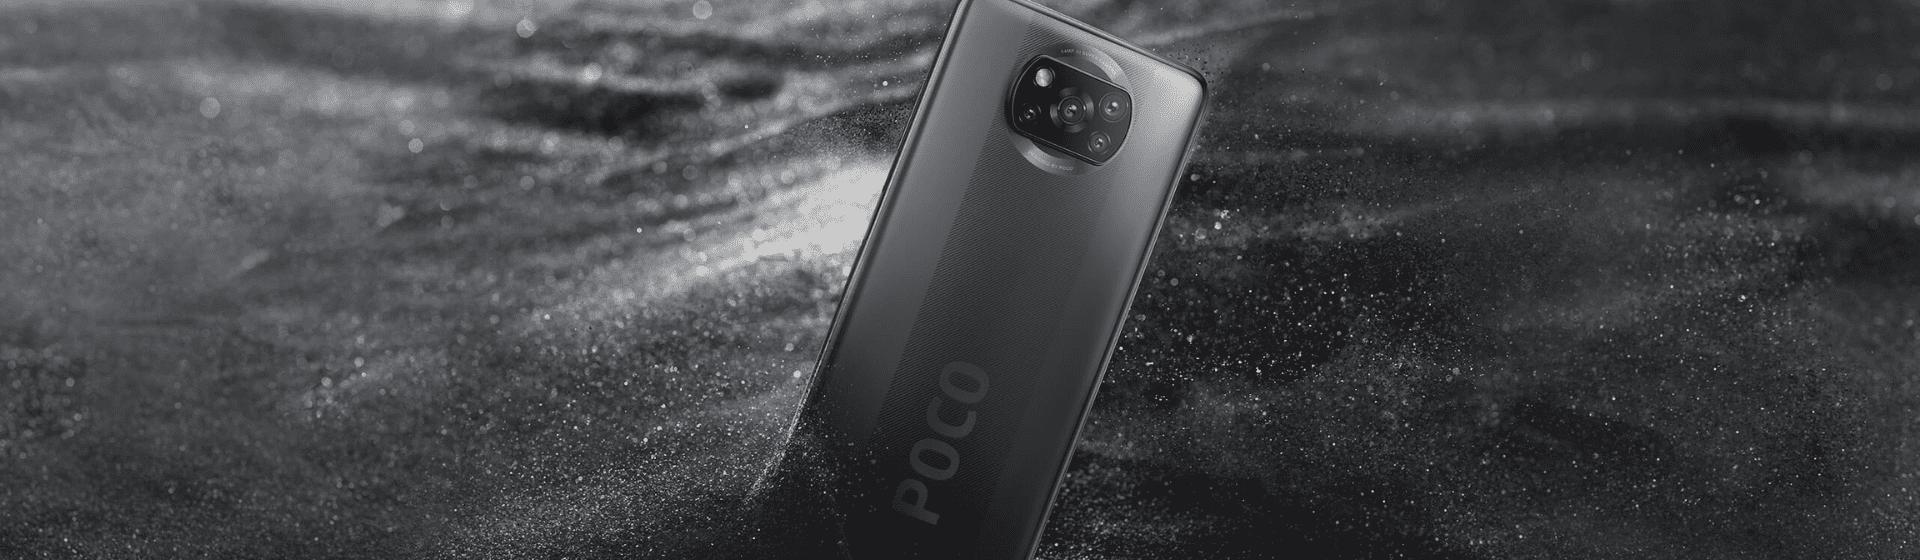 Poco X3 NFC: veja análise de ficha técnica do celular da Xiaomi